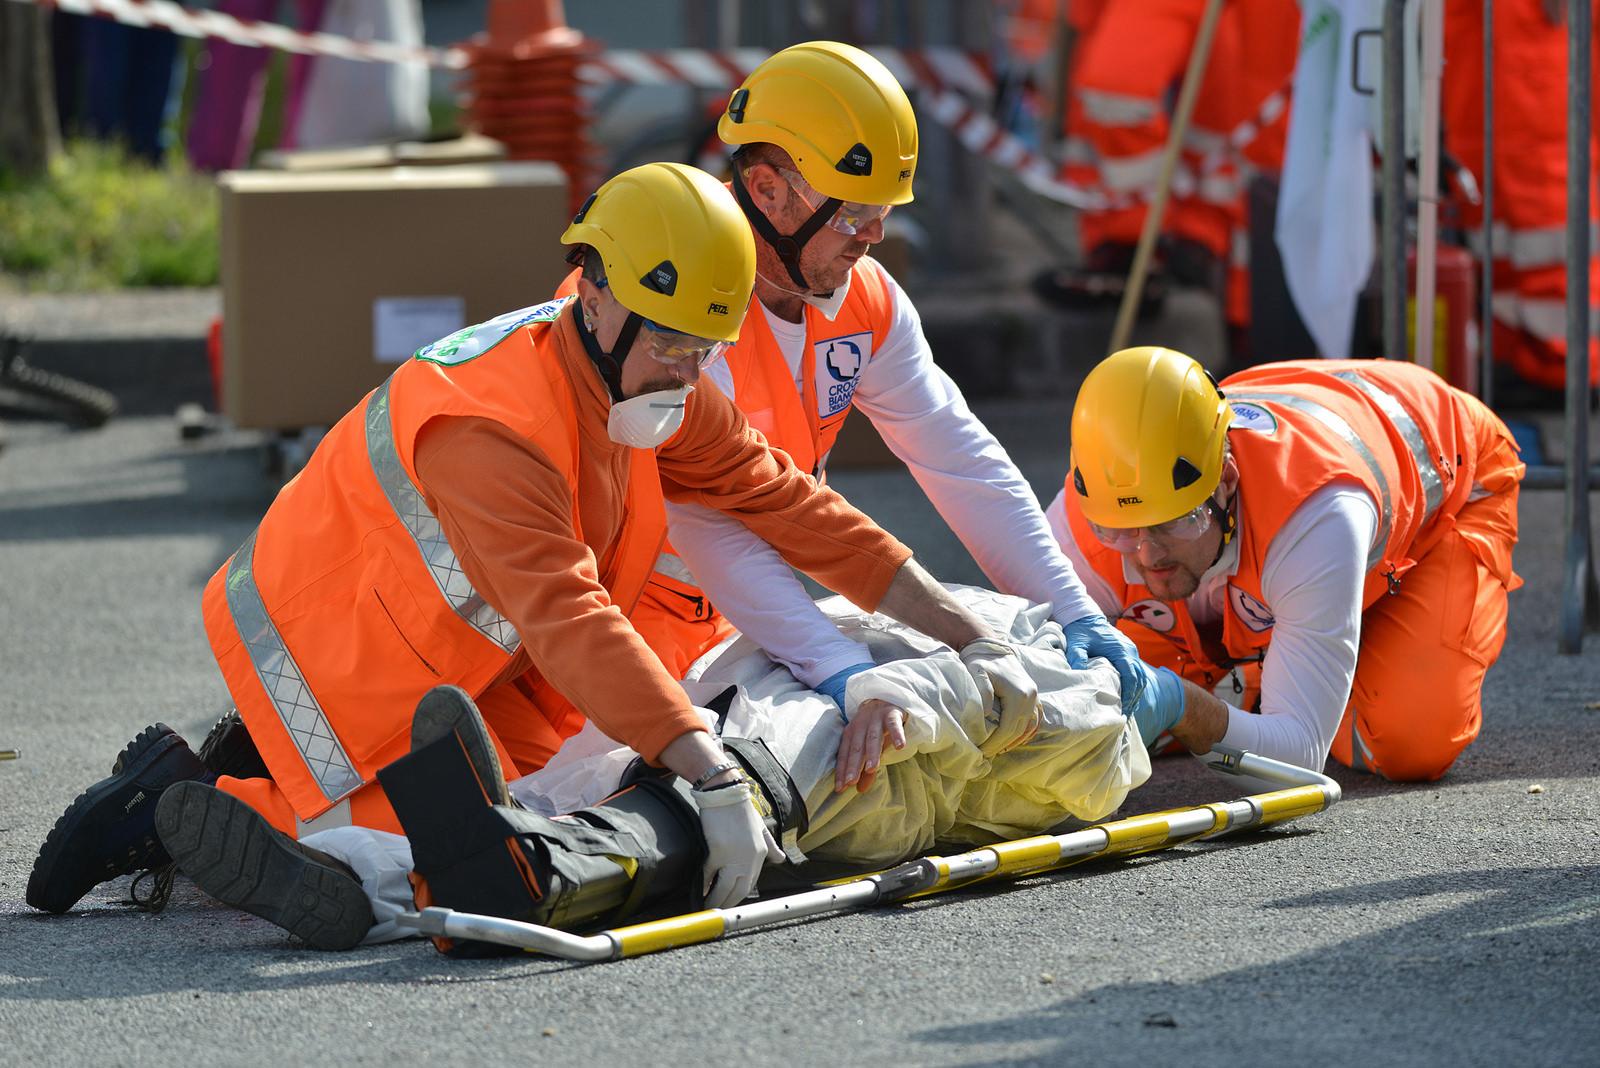 Una gara di primo soccorso: partecipano anche Cumiana e Bagnolo